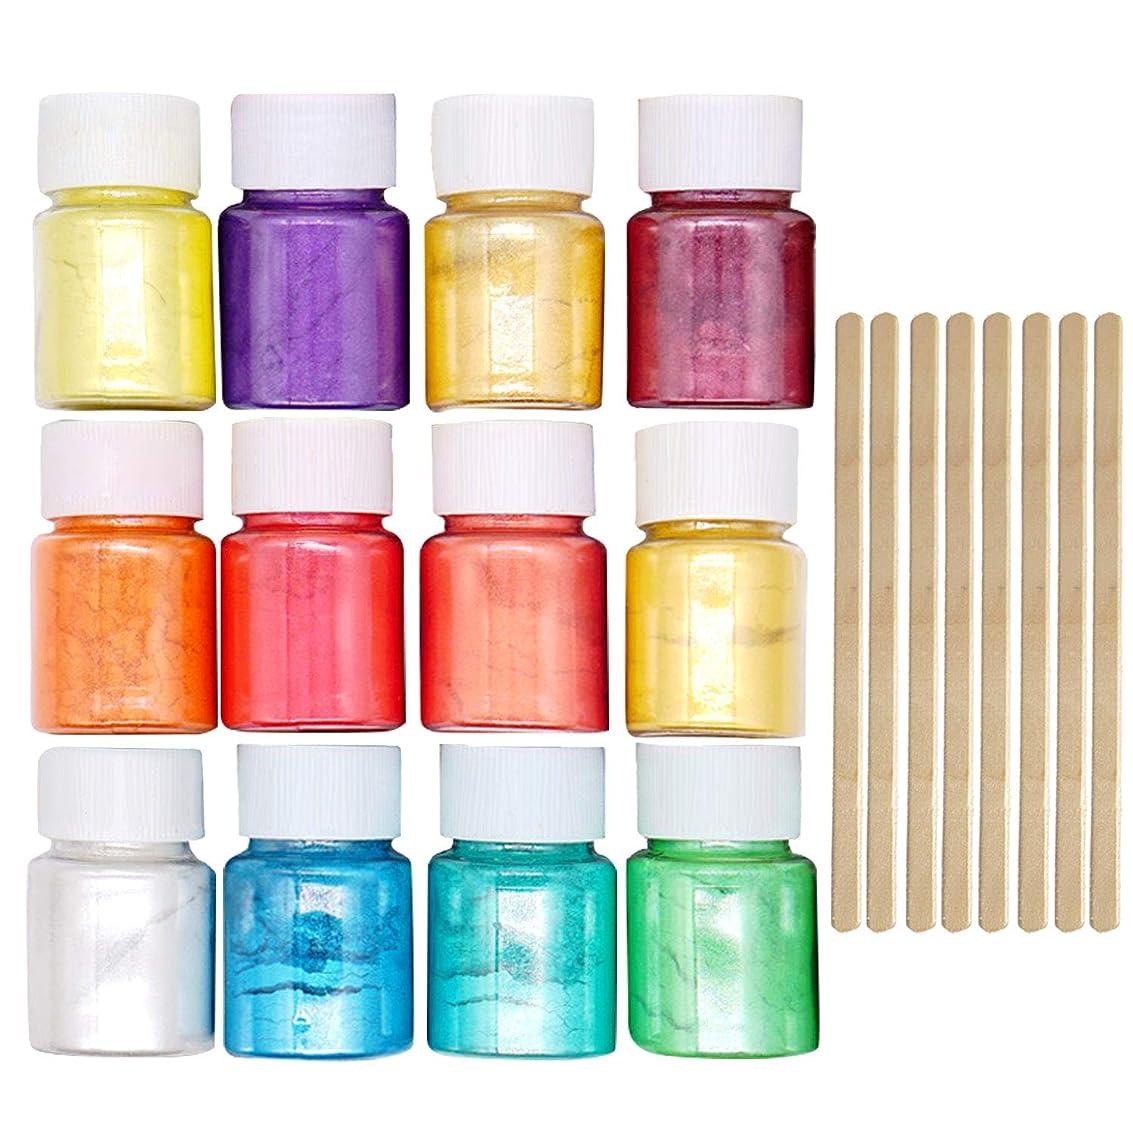 示すワークショップご近所マイカパウダー Migavan マイカパールパウダー 12色着色剤顔料雲母真珠パウダーで8ピース木製攪拌棒diyネイルアートクラフトプロジェクトスライム作り用品